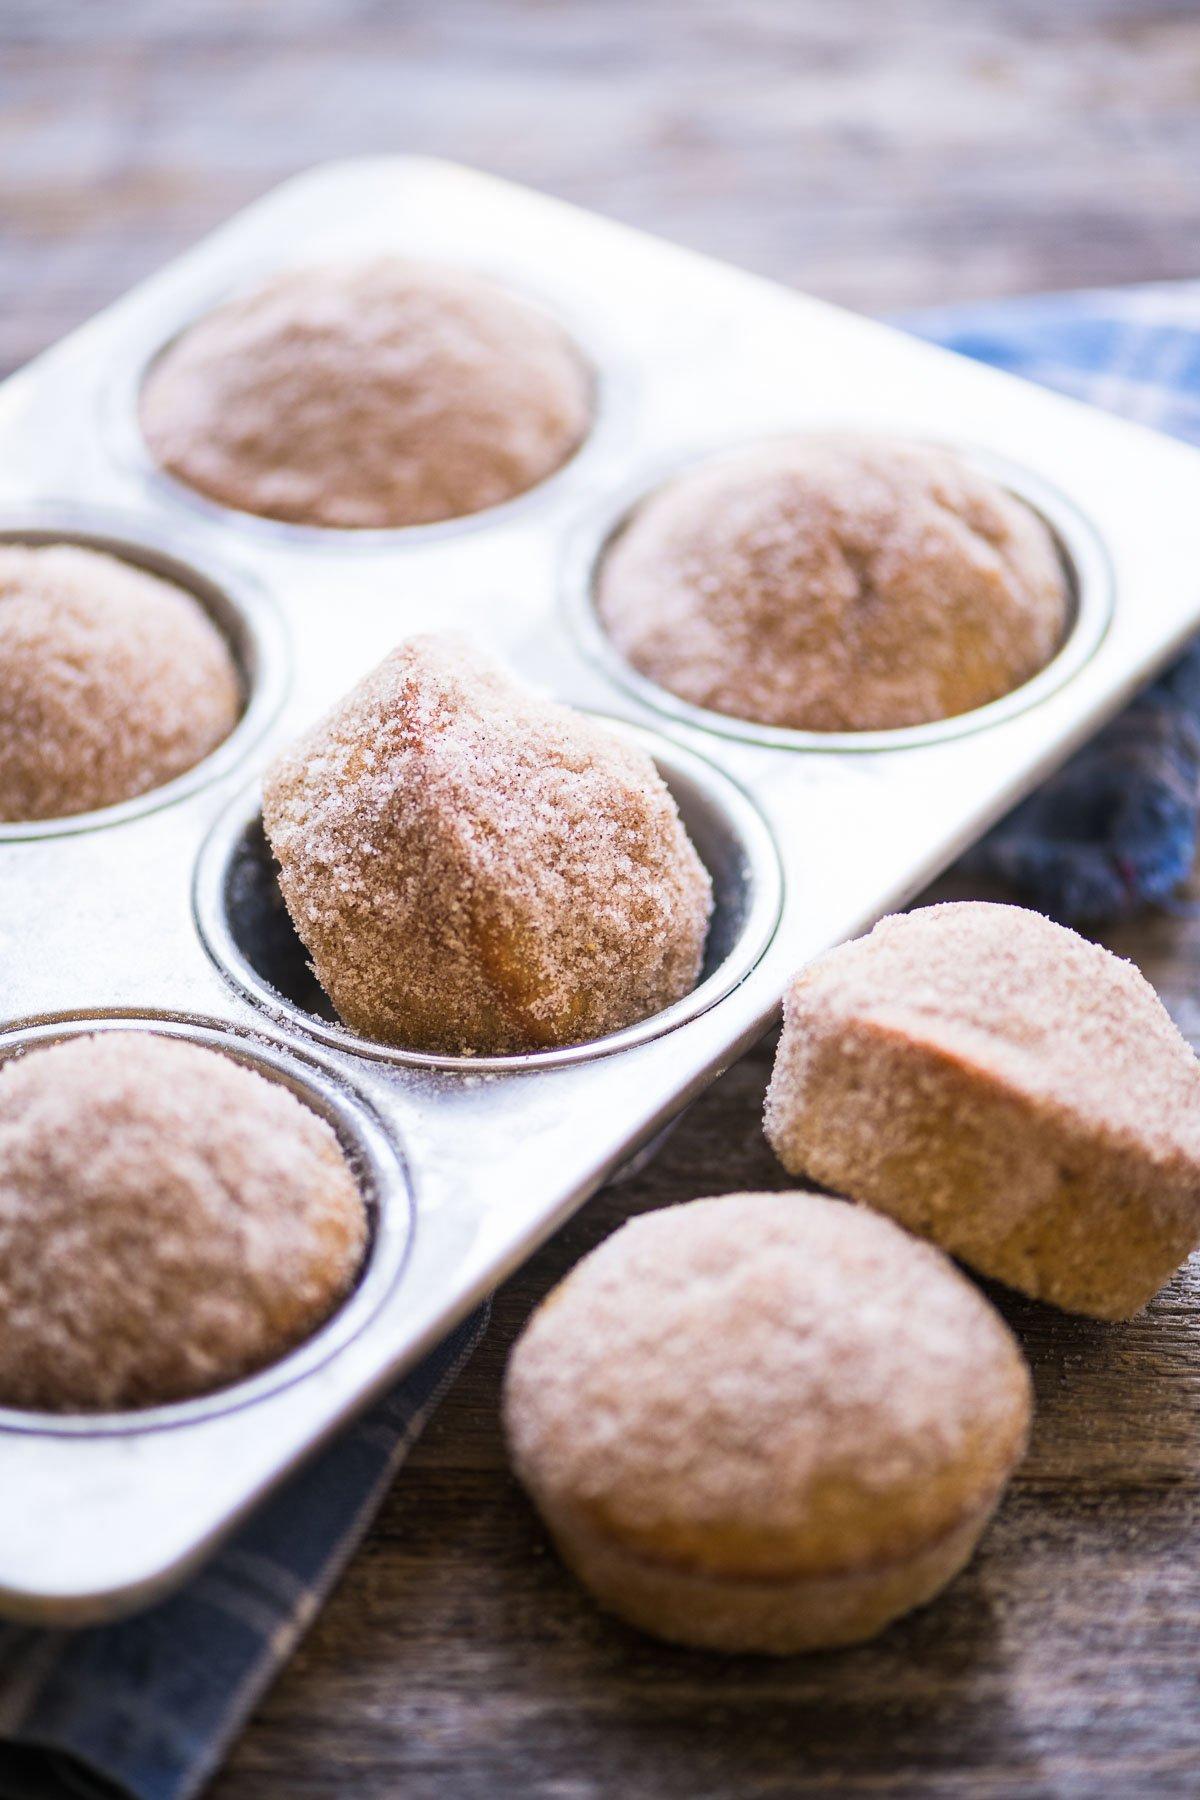 cider doughnut muffins in a muffin tin